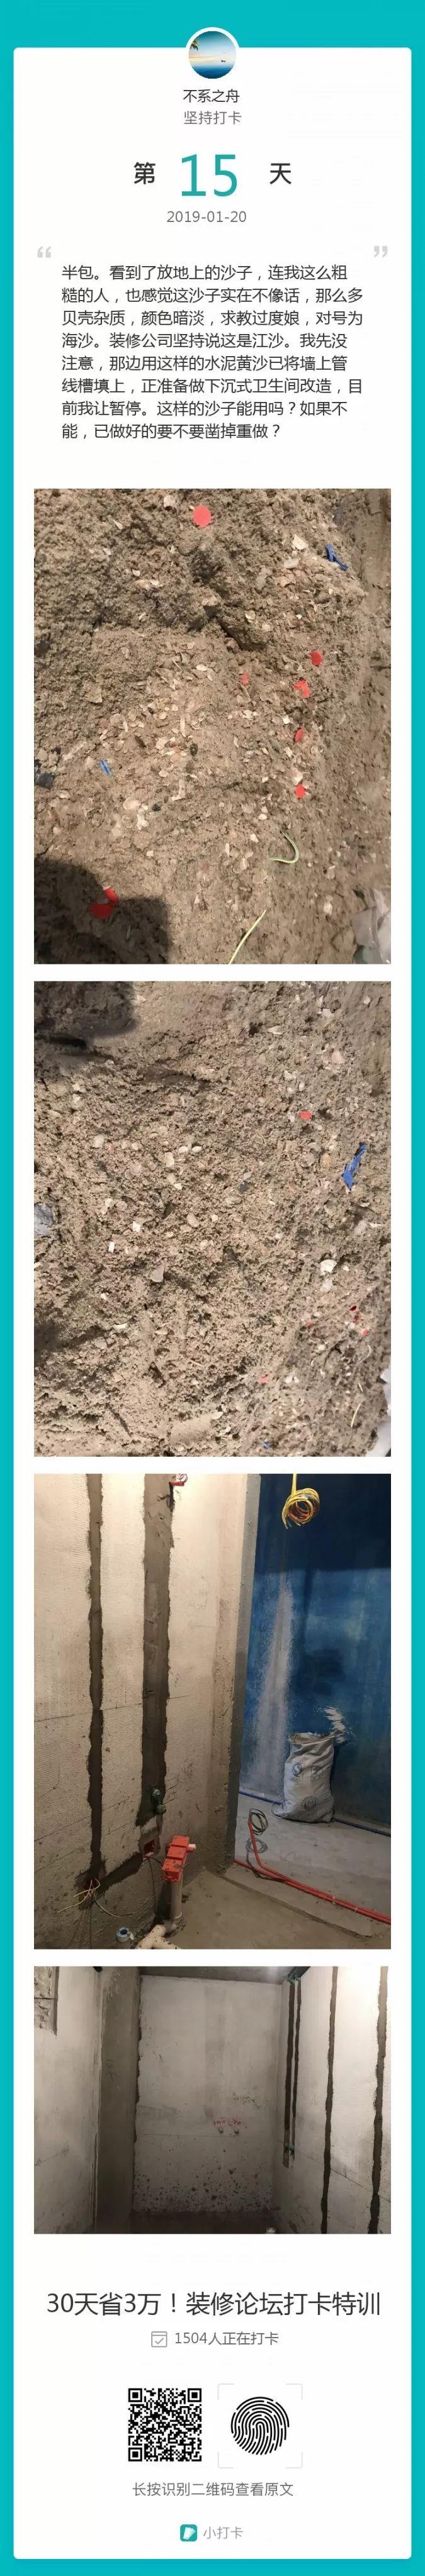 装修选沙子还有讲究?用错楼会塌?